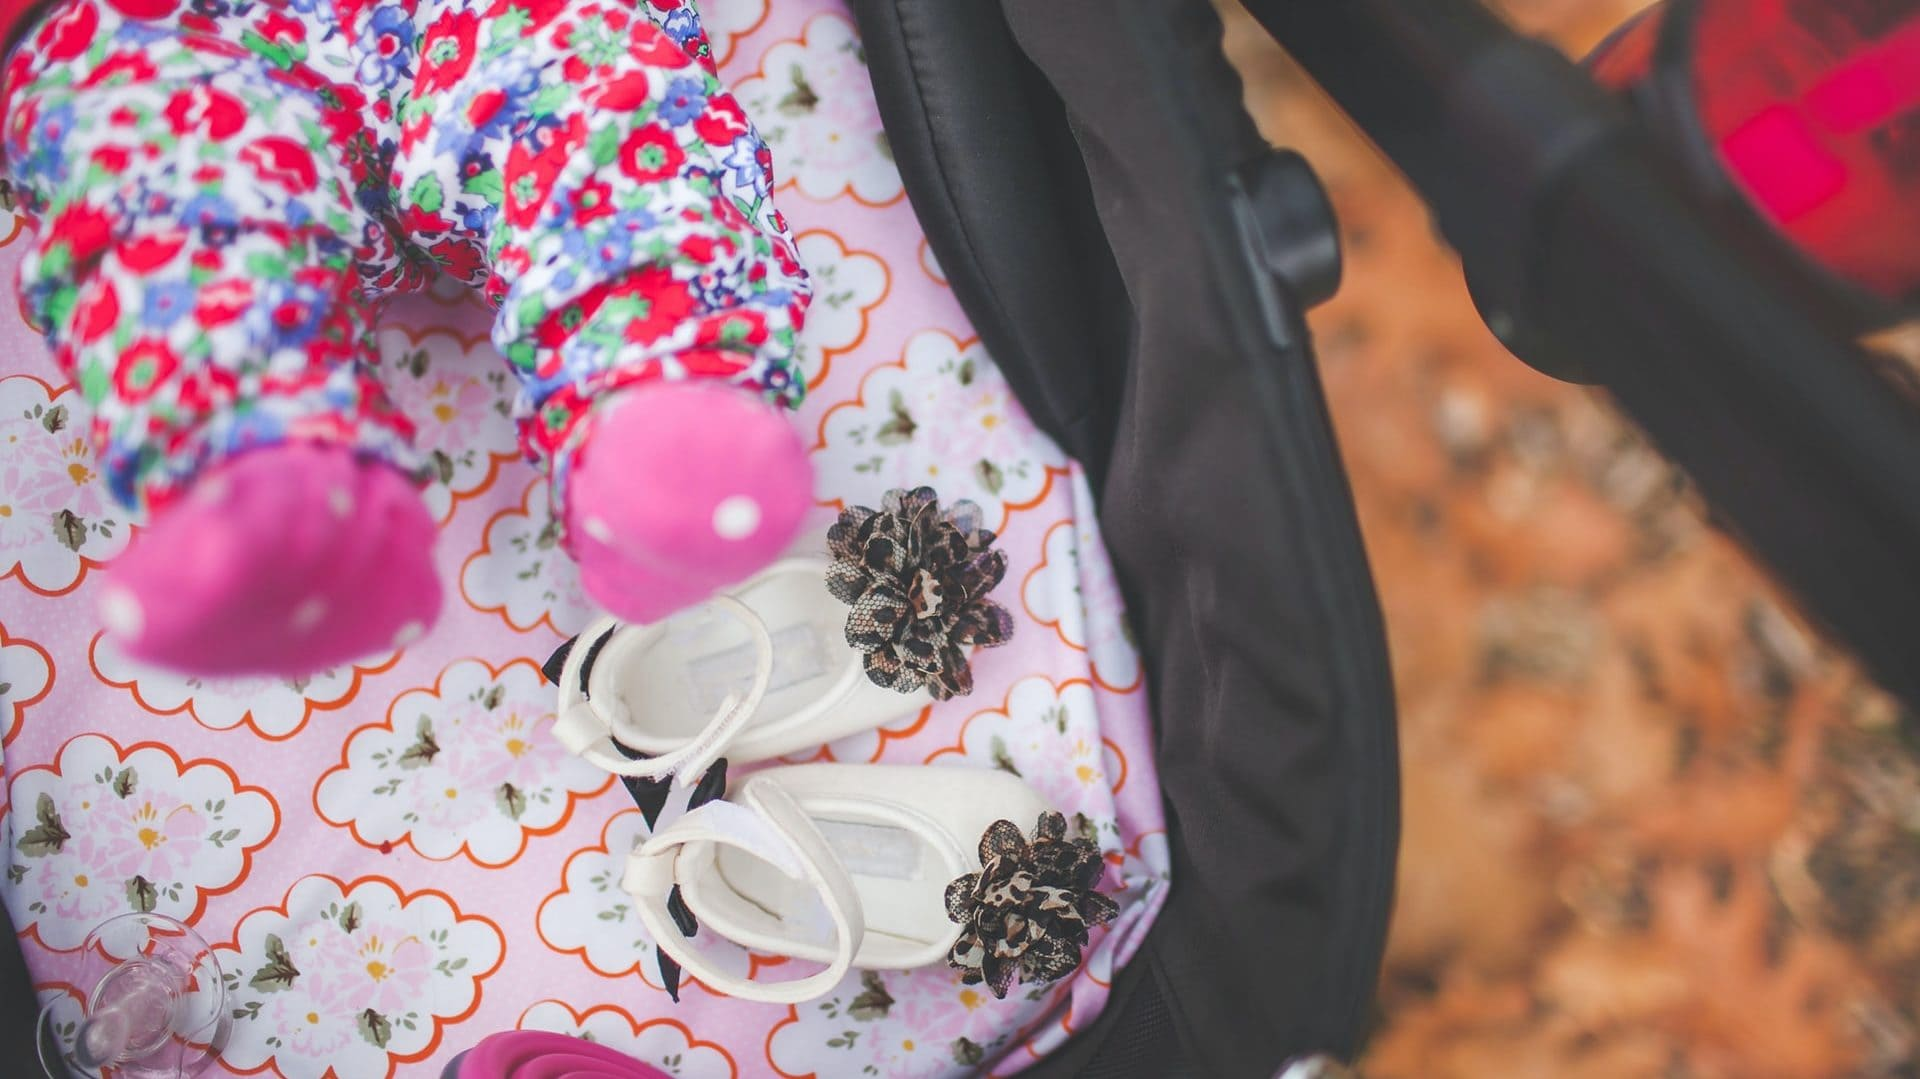 Kinderwagen met baby erin, roze schoentjes en witte schoentjes. Bovenaanzicht